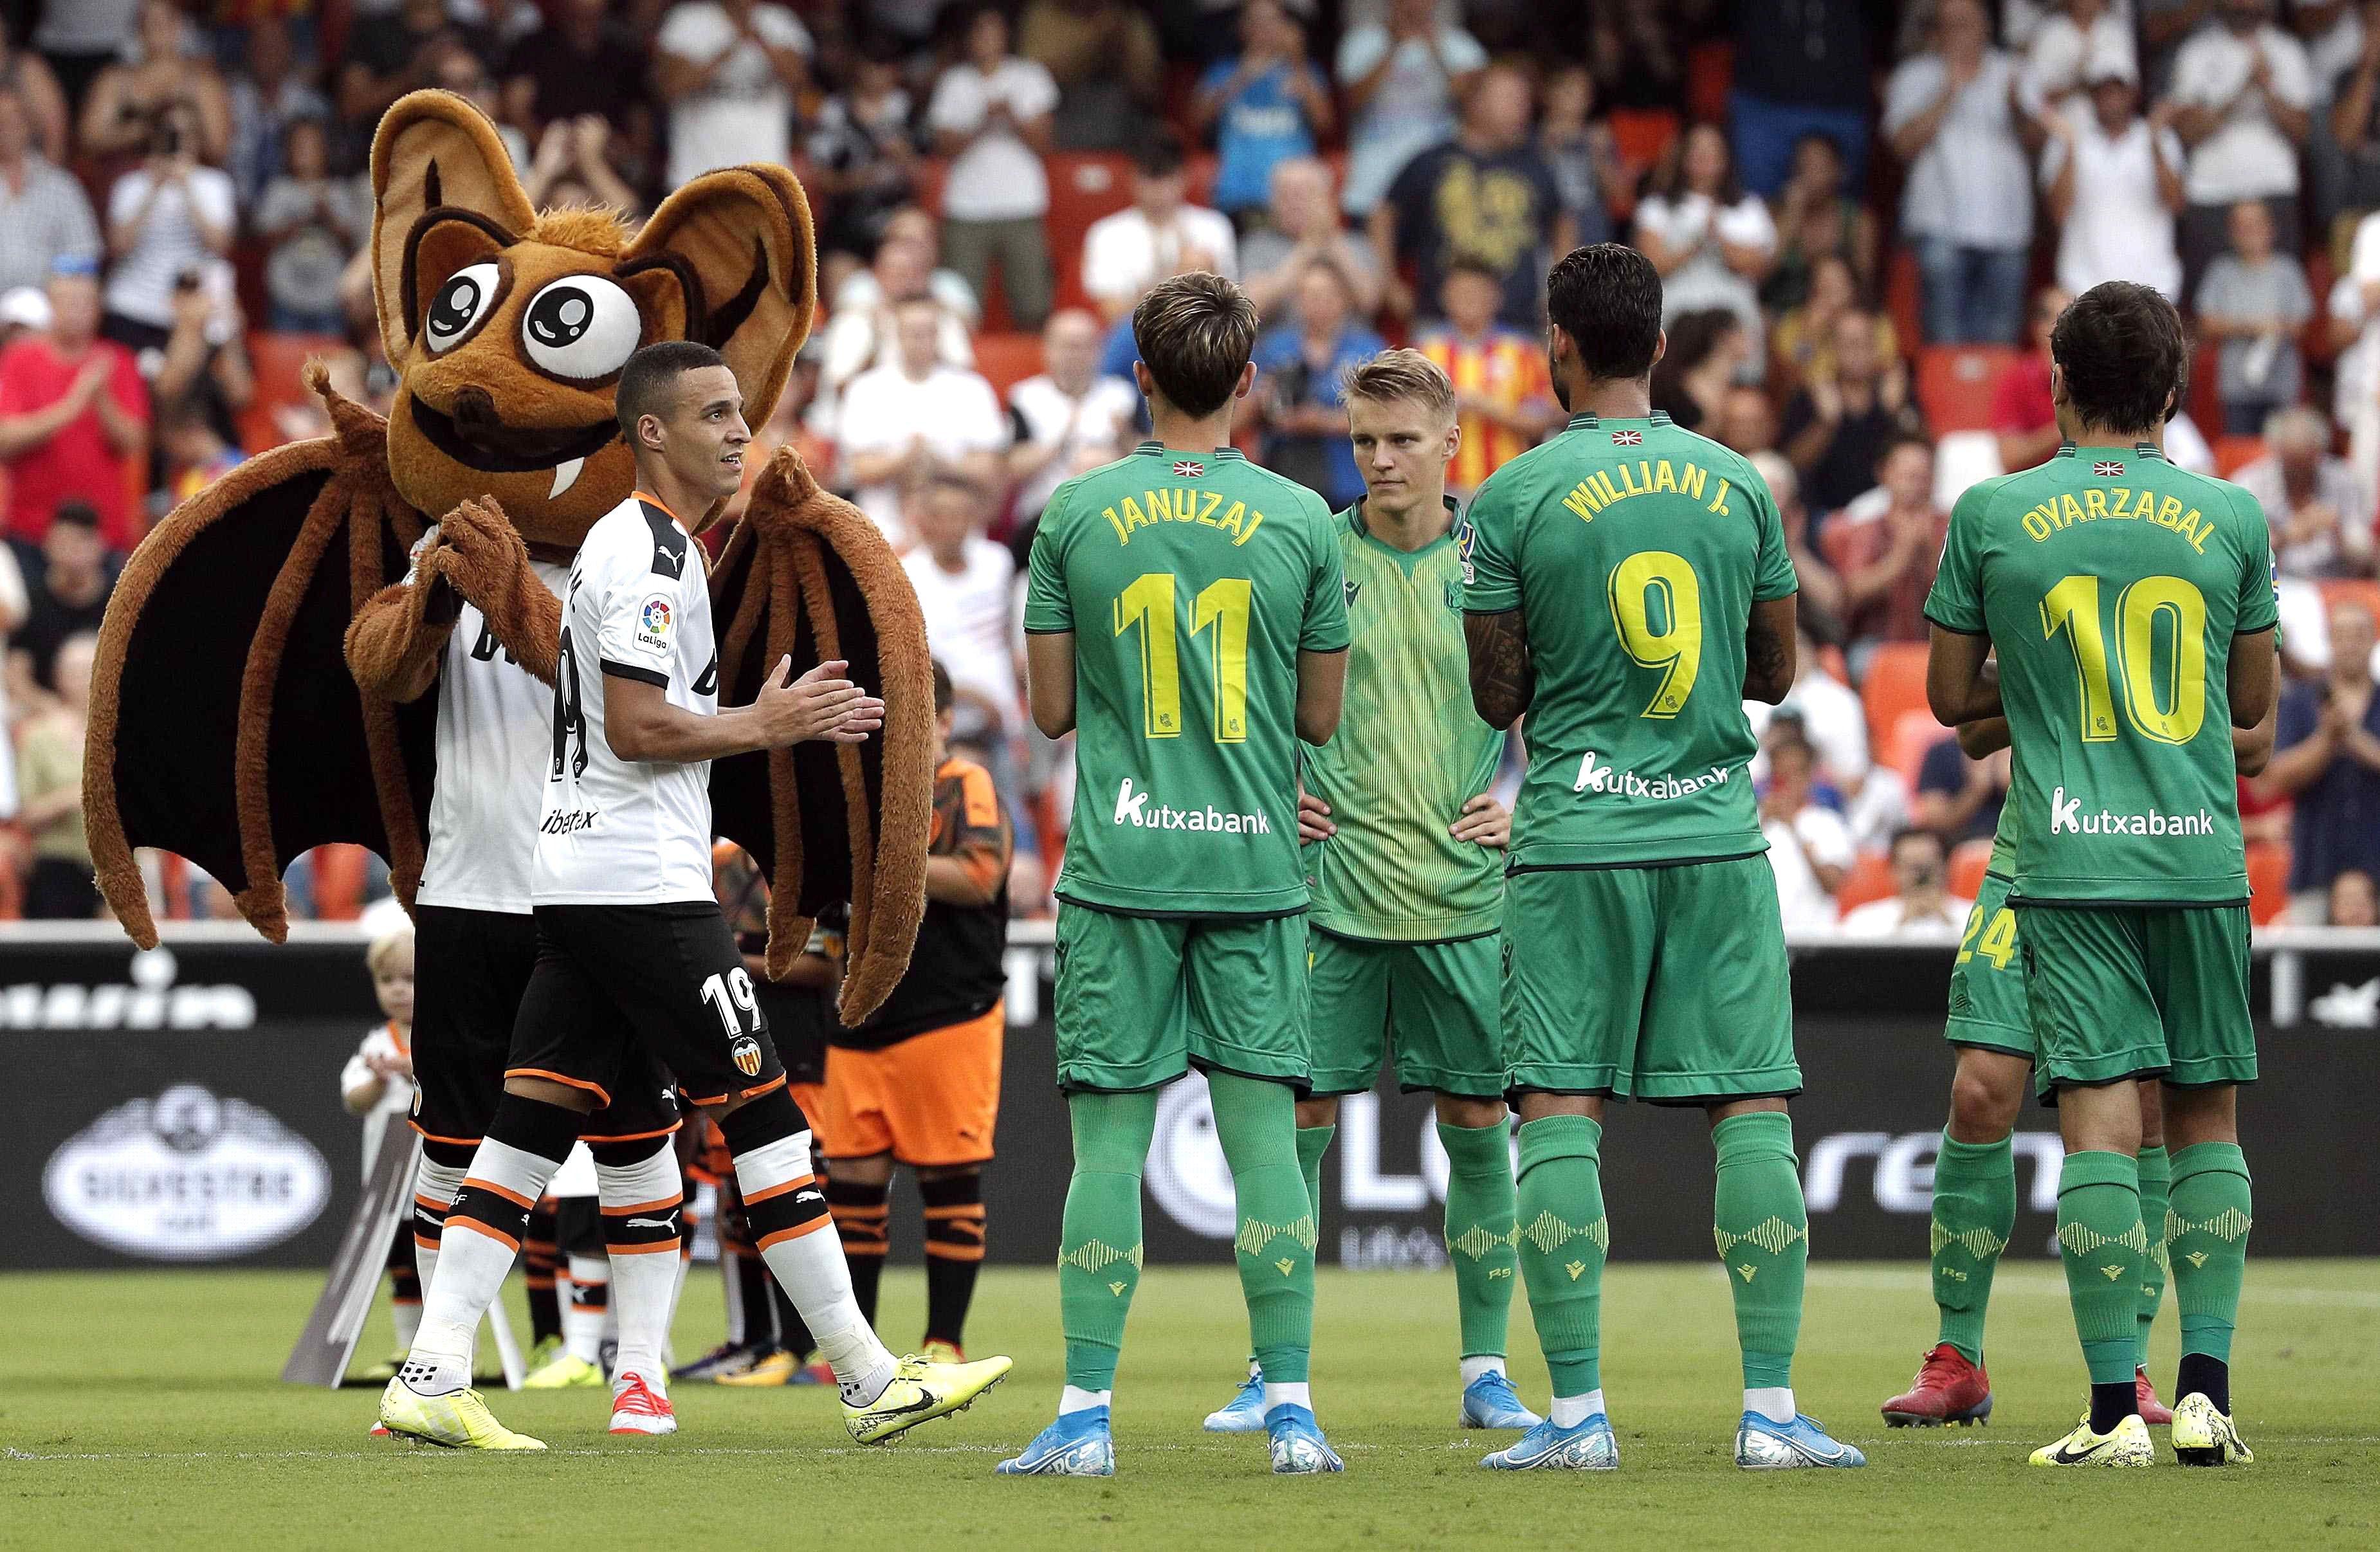 La Real Sociedad hace el pasillo al Valencia como campeón de Copa del Rey